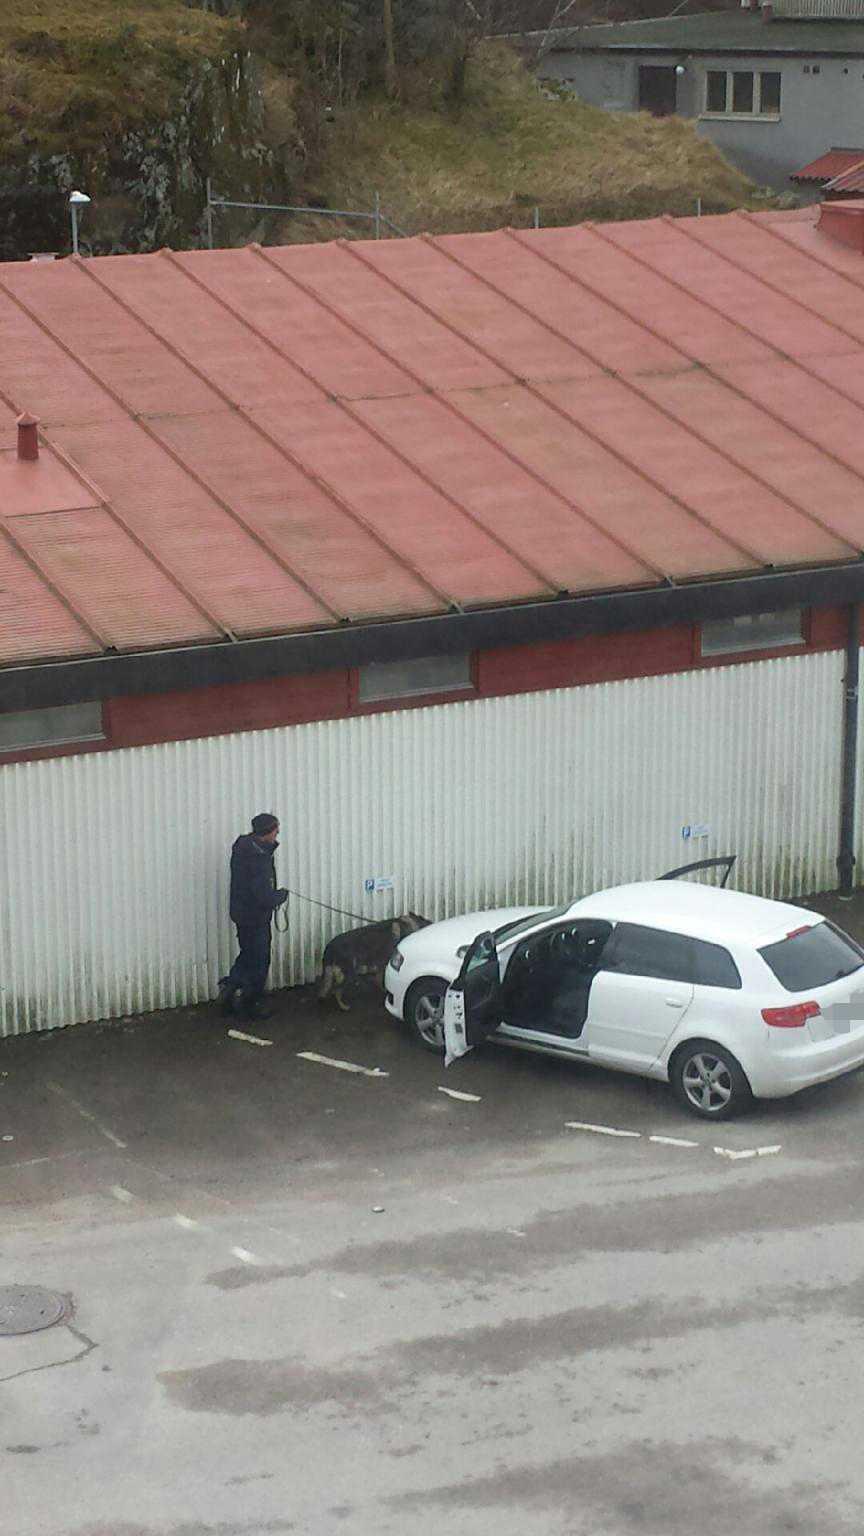 Enligt uppgift till TT hittade en joggare en av personerna död i en bil.